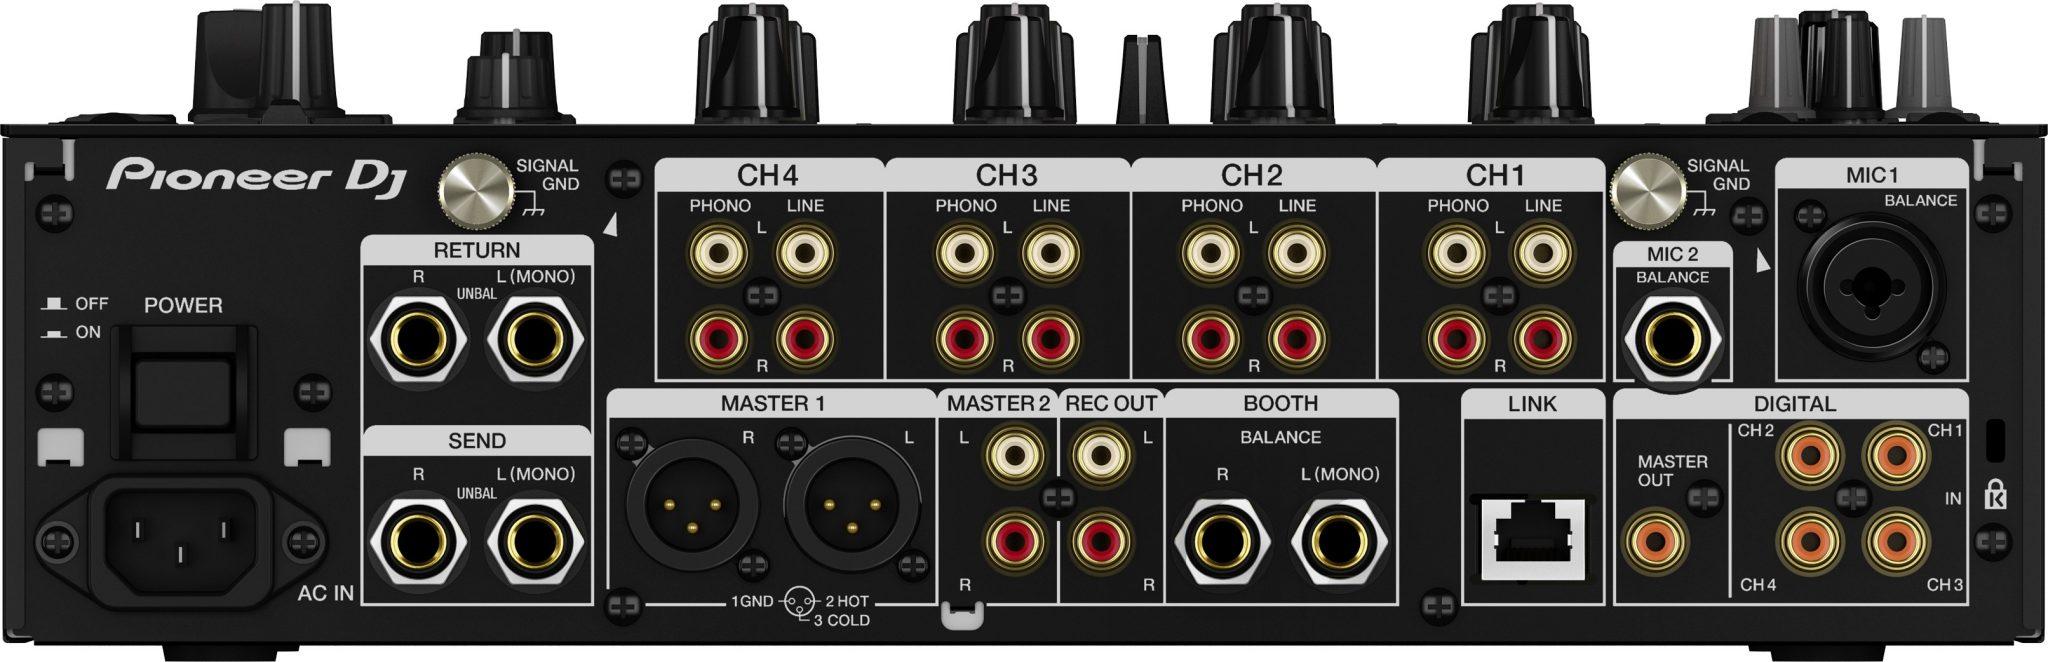 DJM-900NXS2 inputs